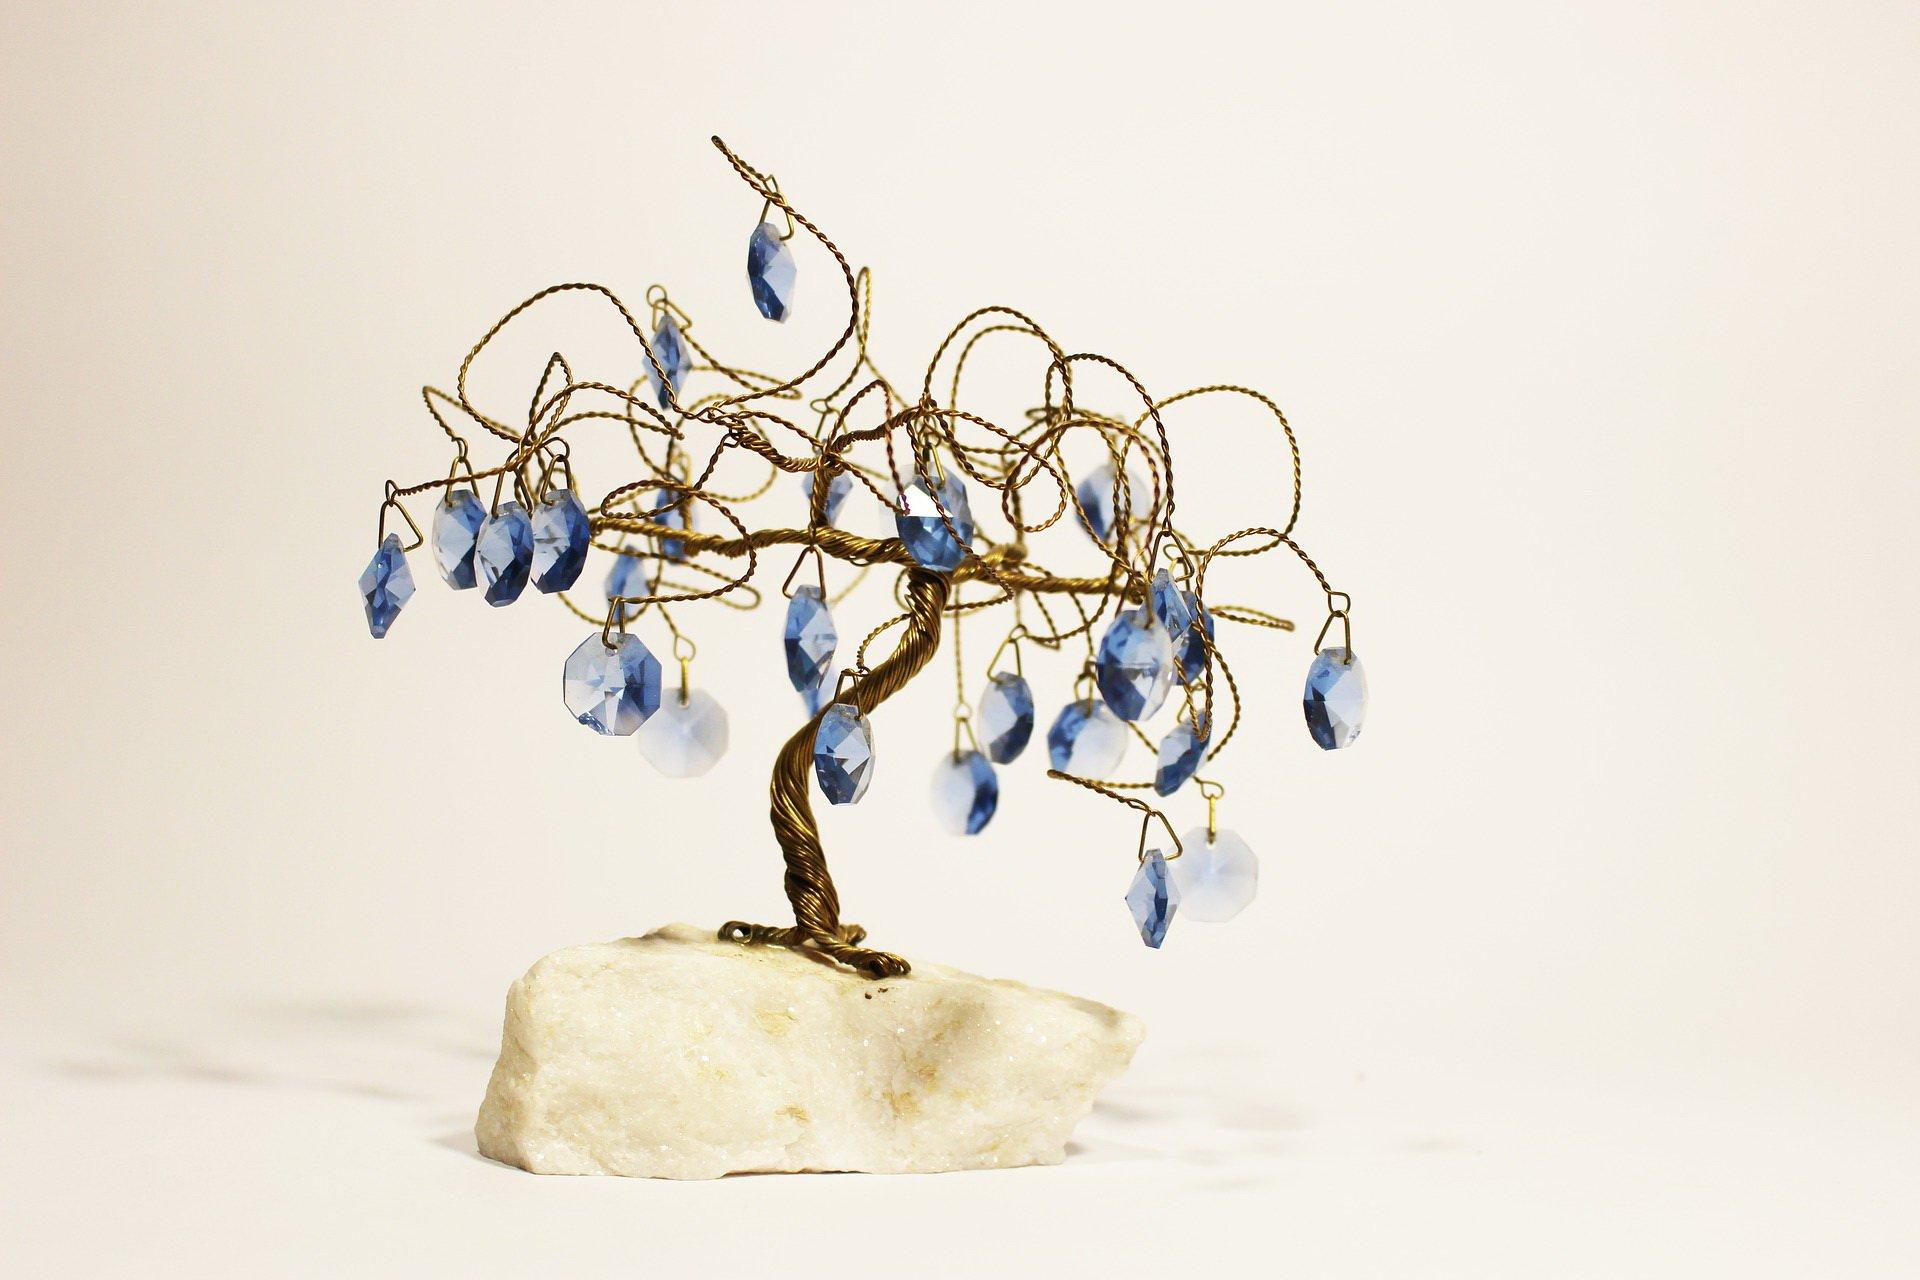 drzewko szczęścia z drucików jak zrobić